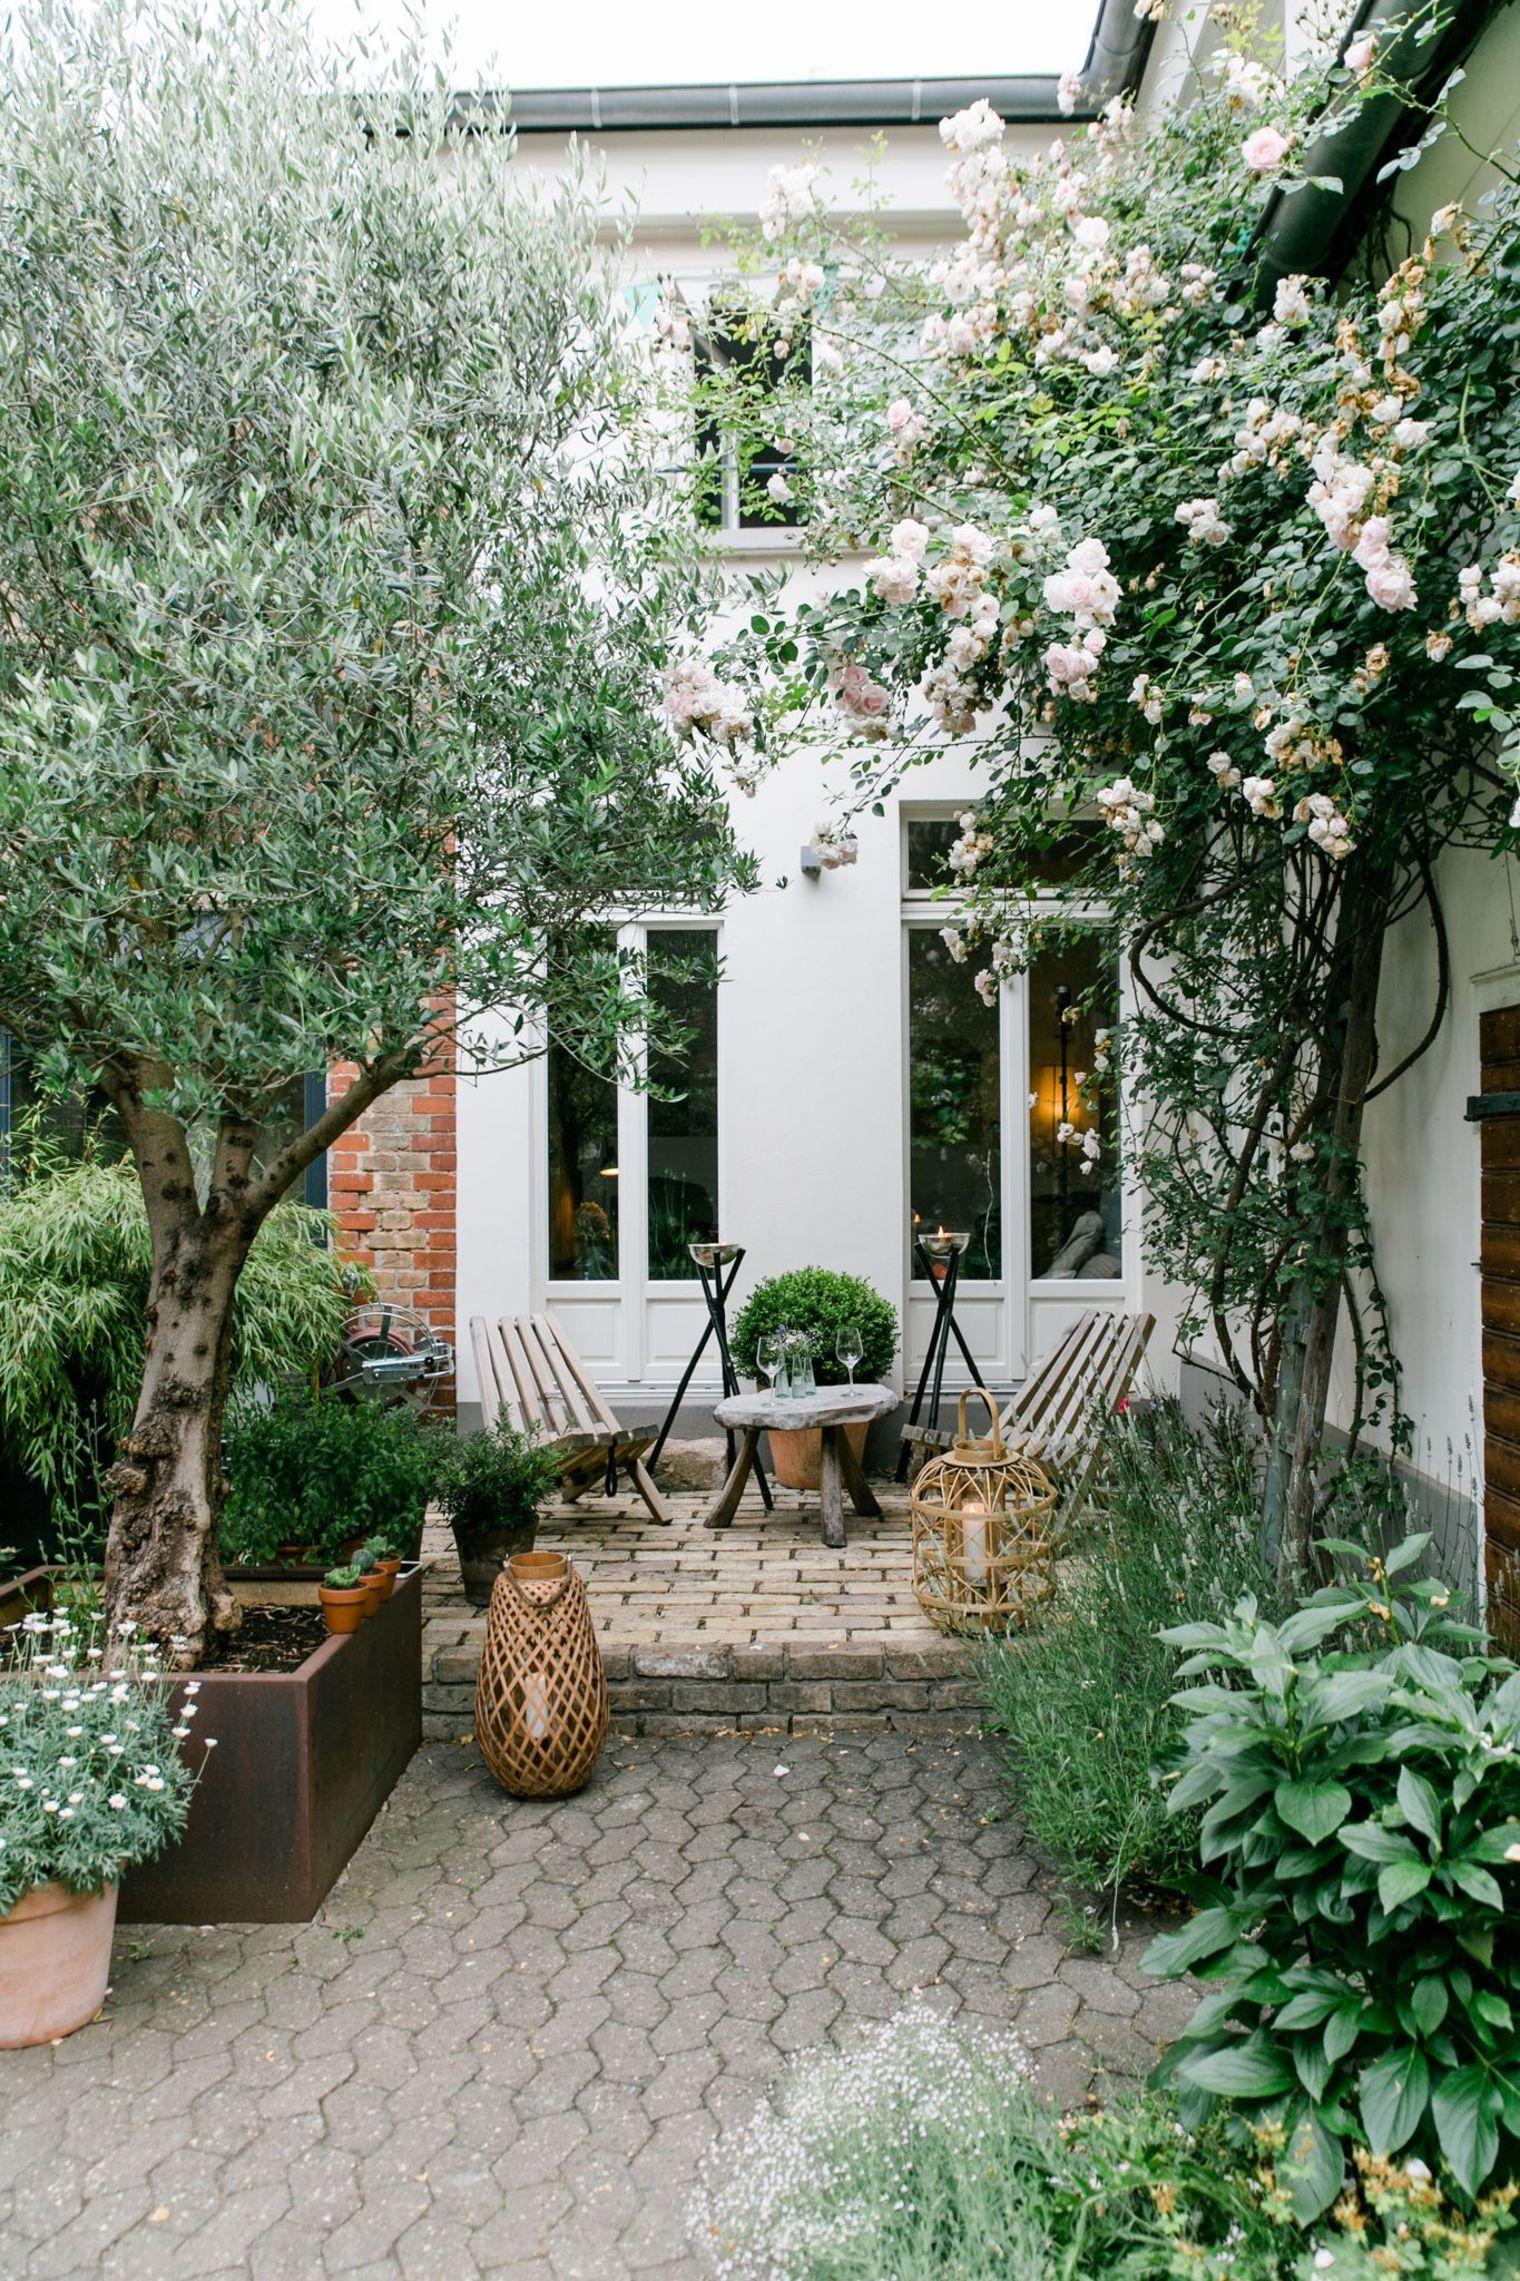 Petit jardin : 8 aménagements repérés sur Pinterest